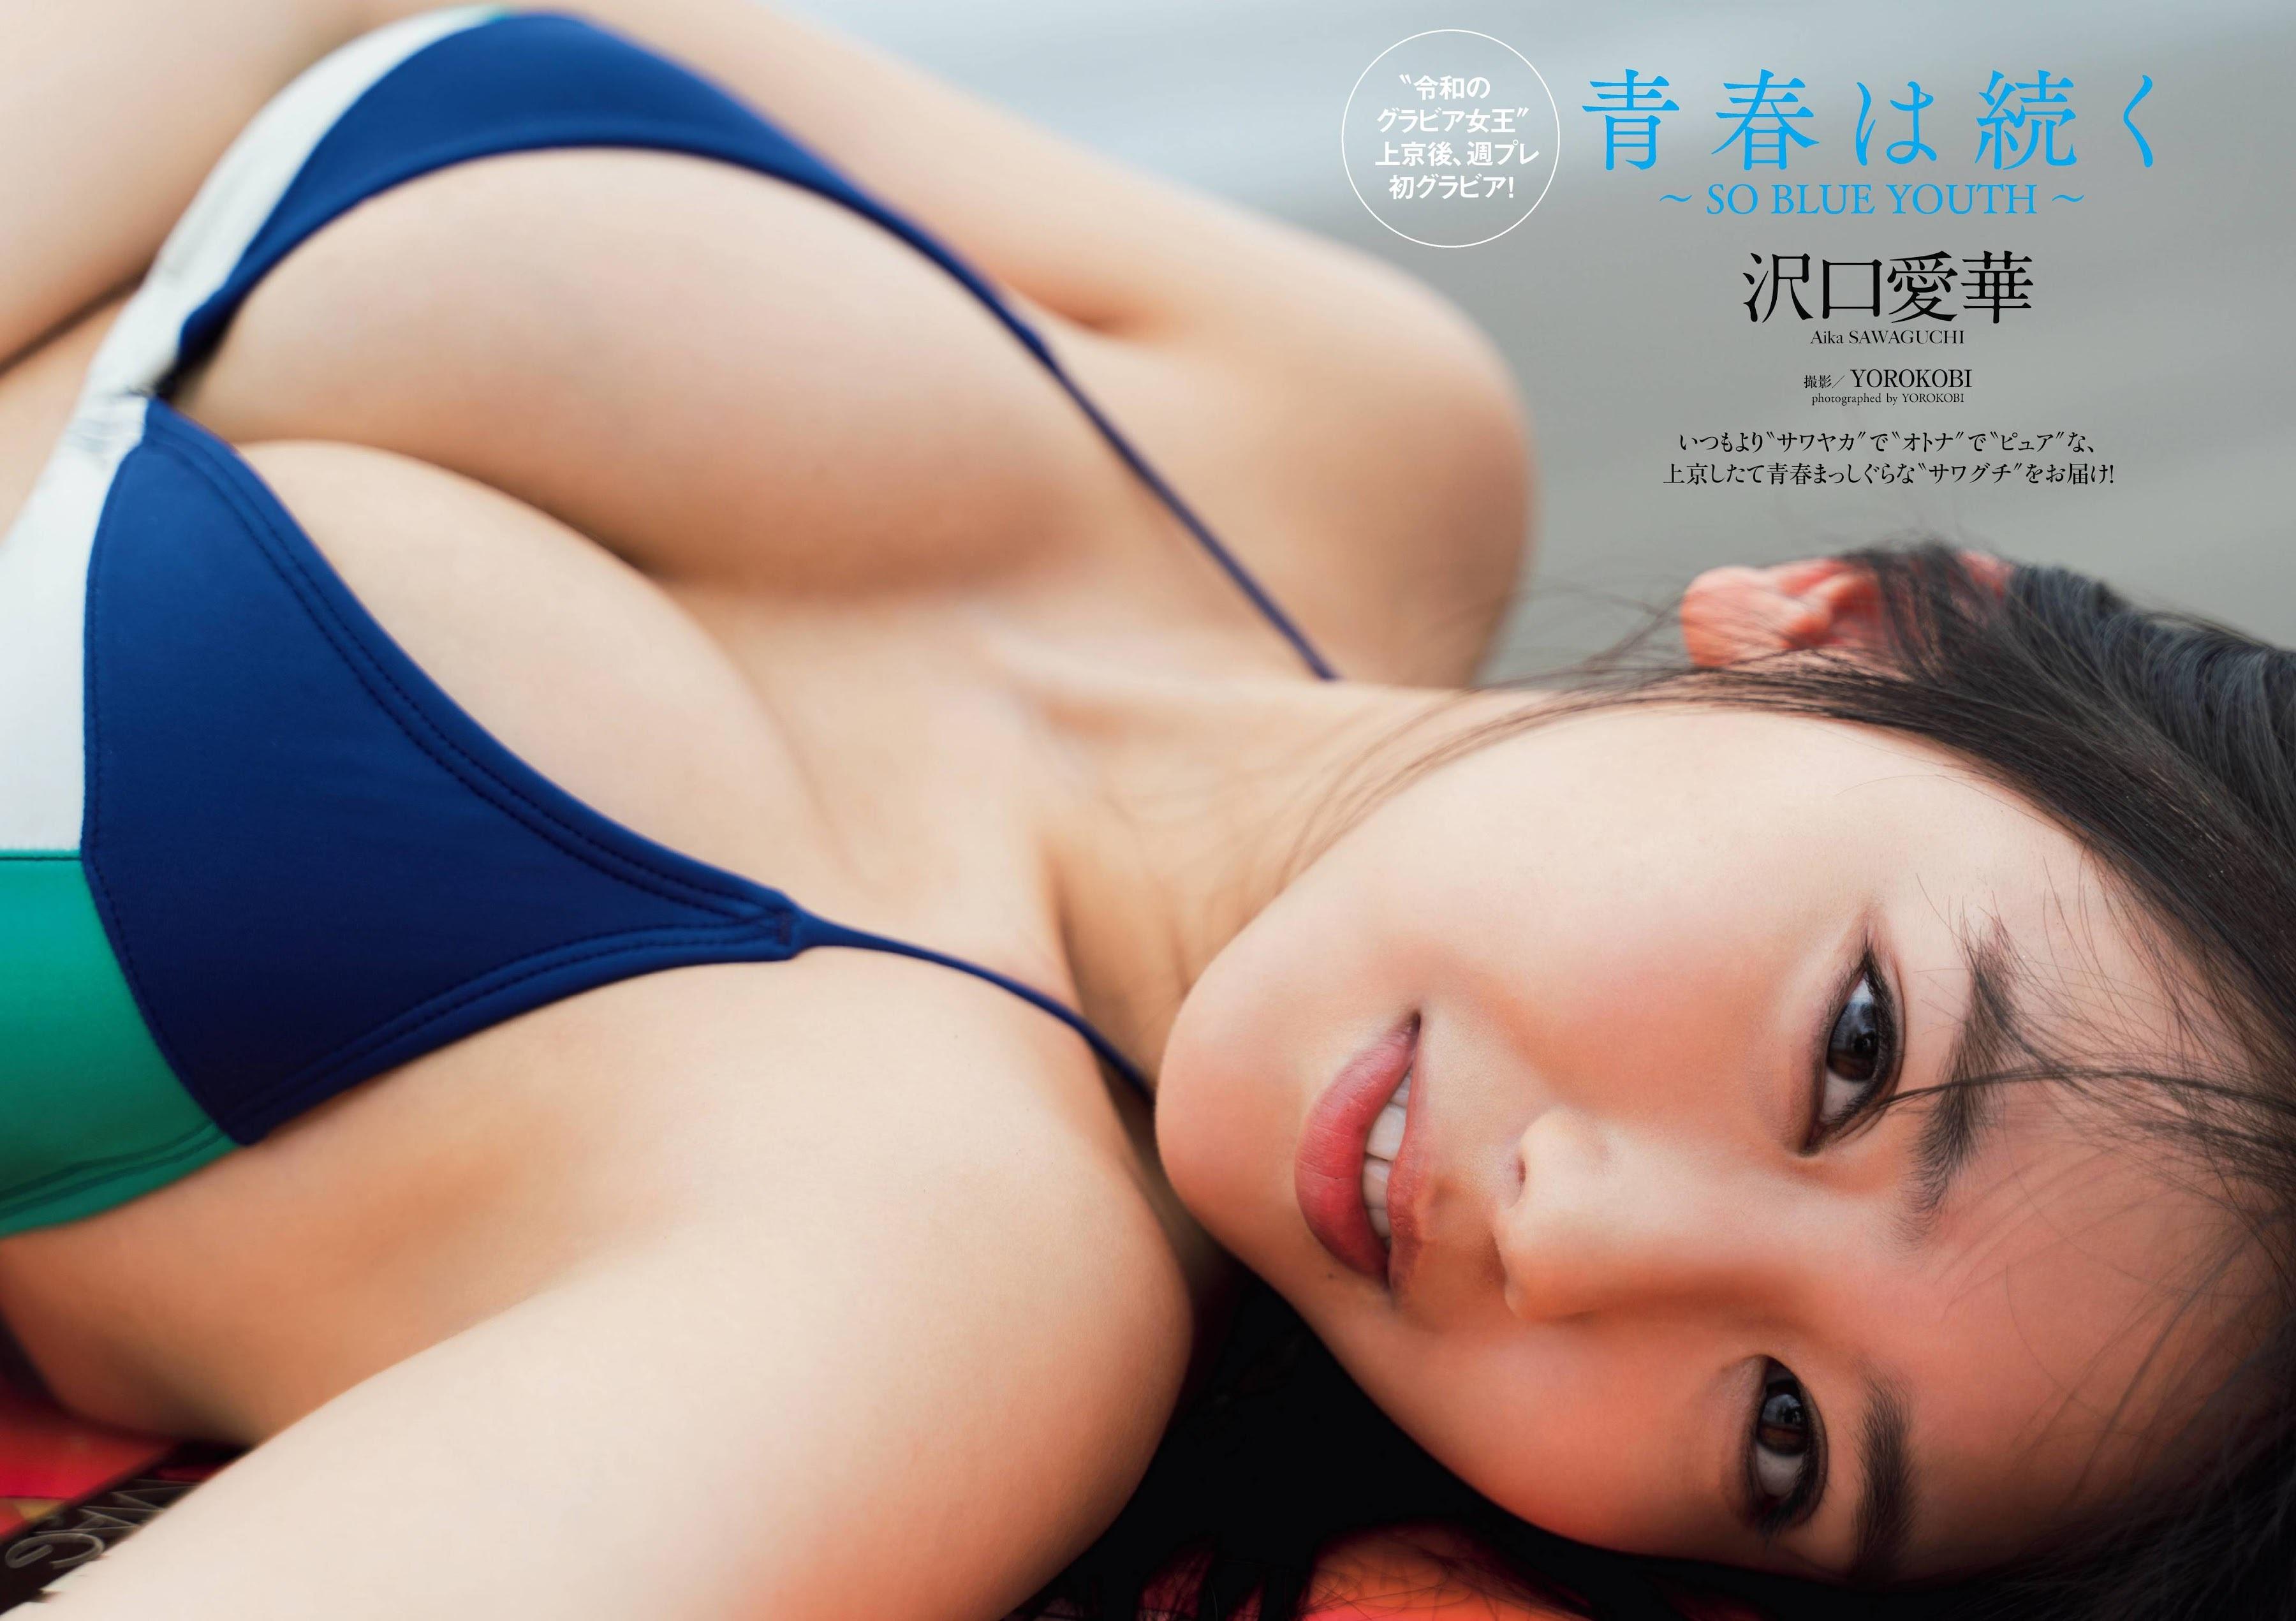 泽口爱华 桥本萌花 大和田南那 南里美希-Weekly Playboy2021年第三十八期